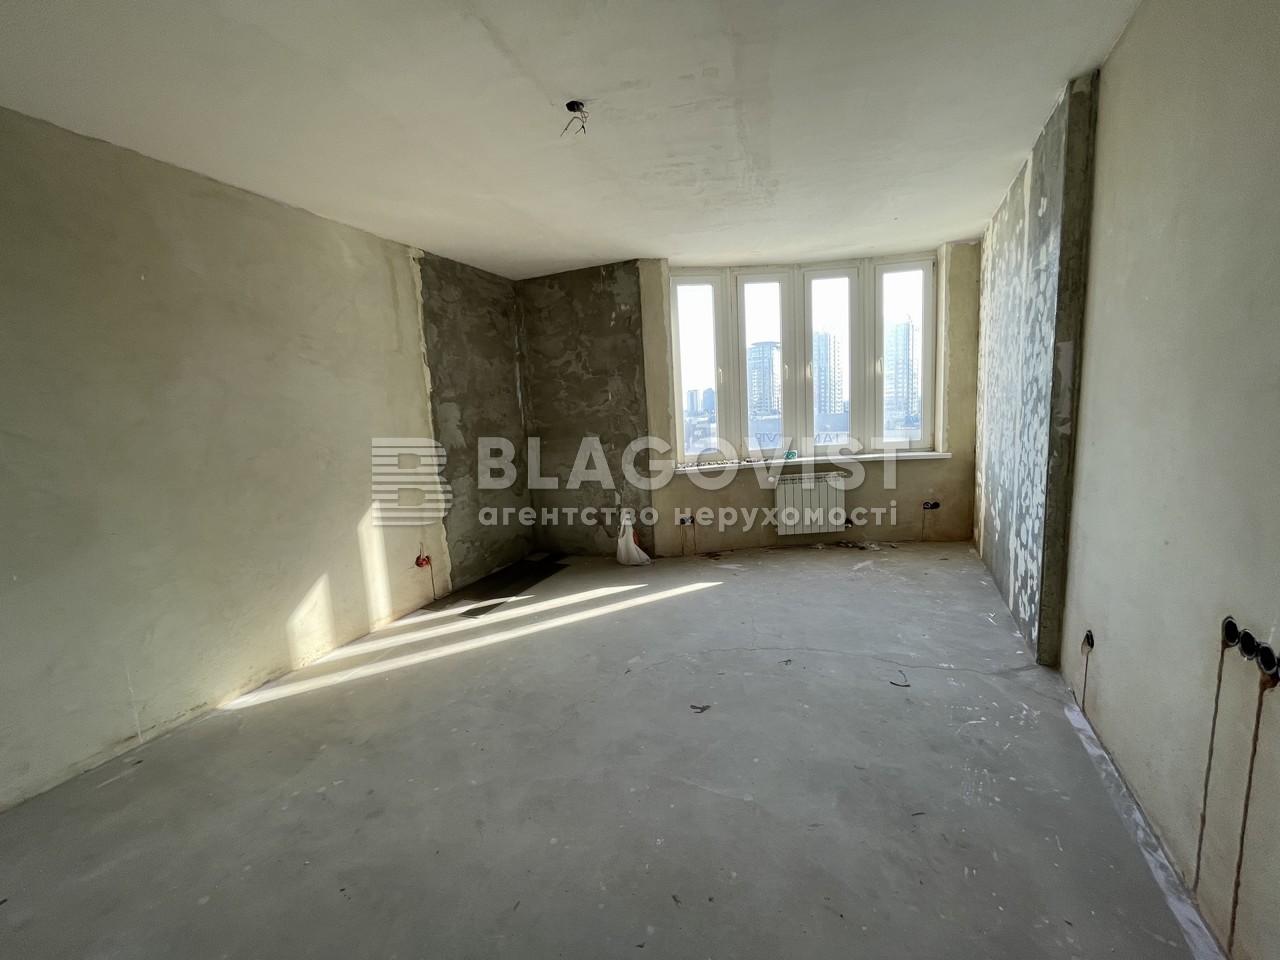 Квартира A-112623, Днепровская наб., 23, Киев - Фото 7